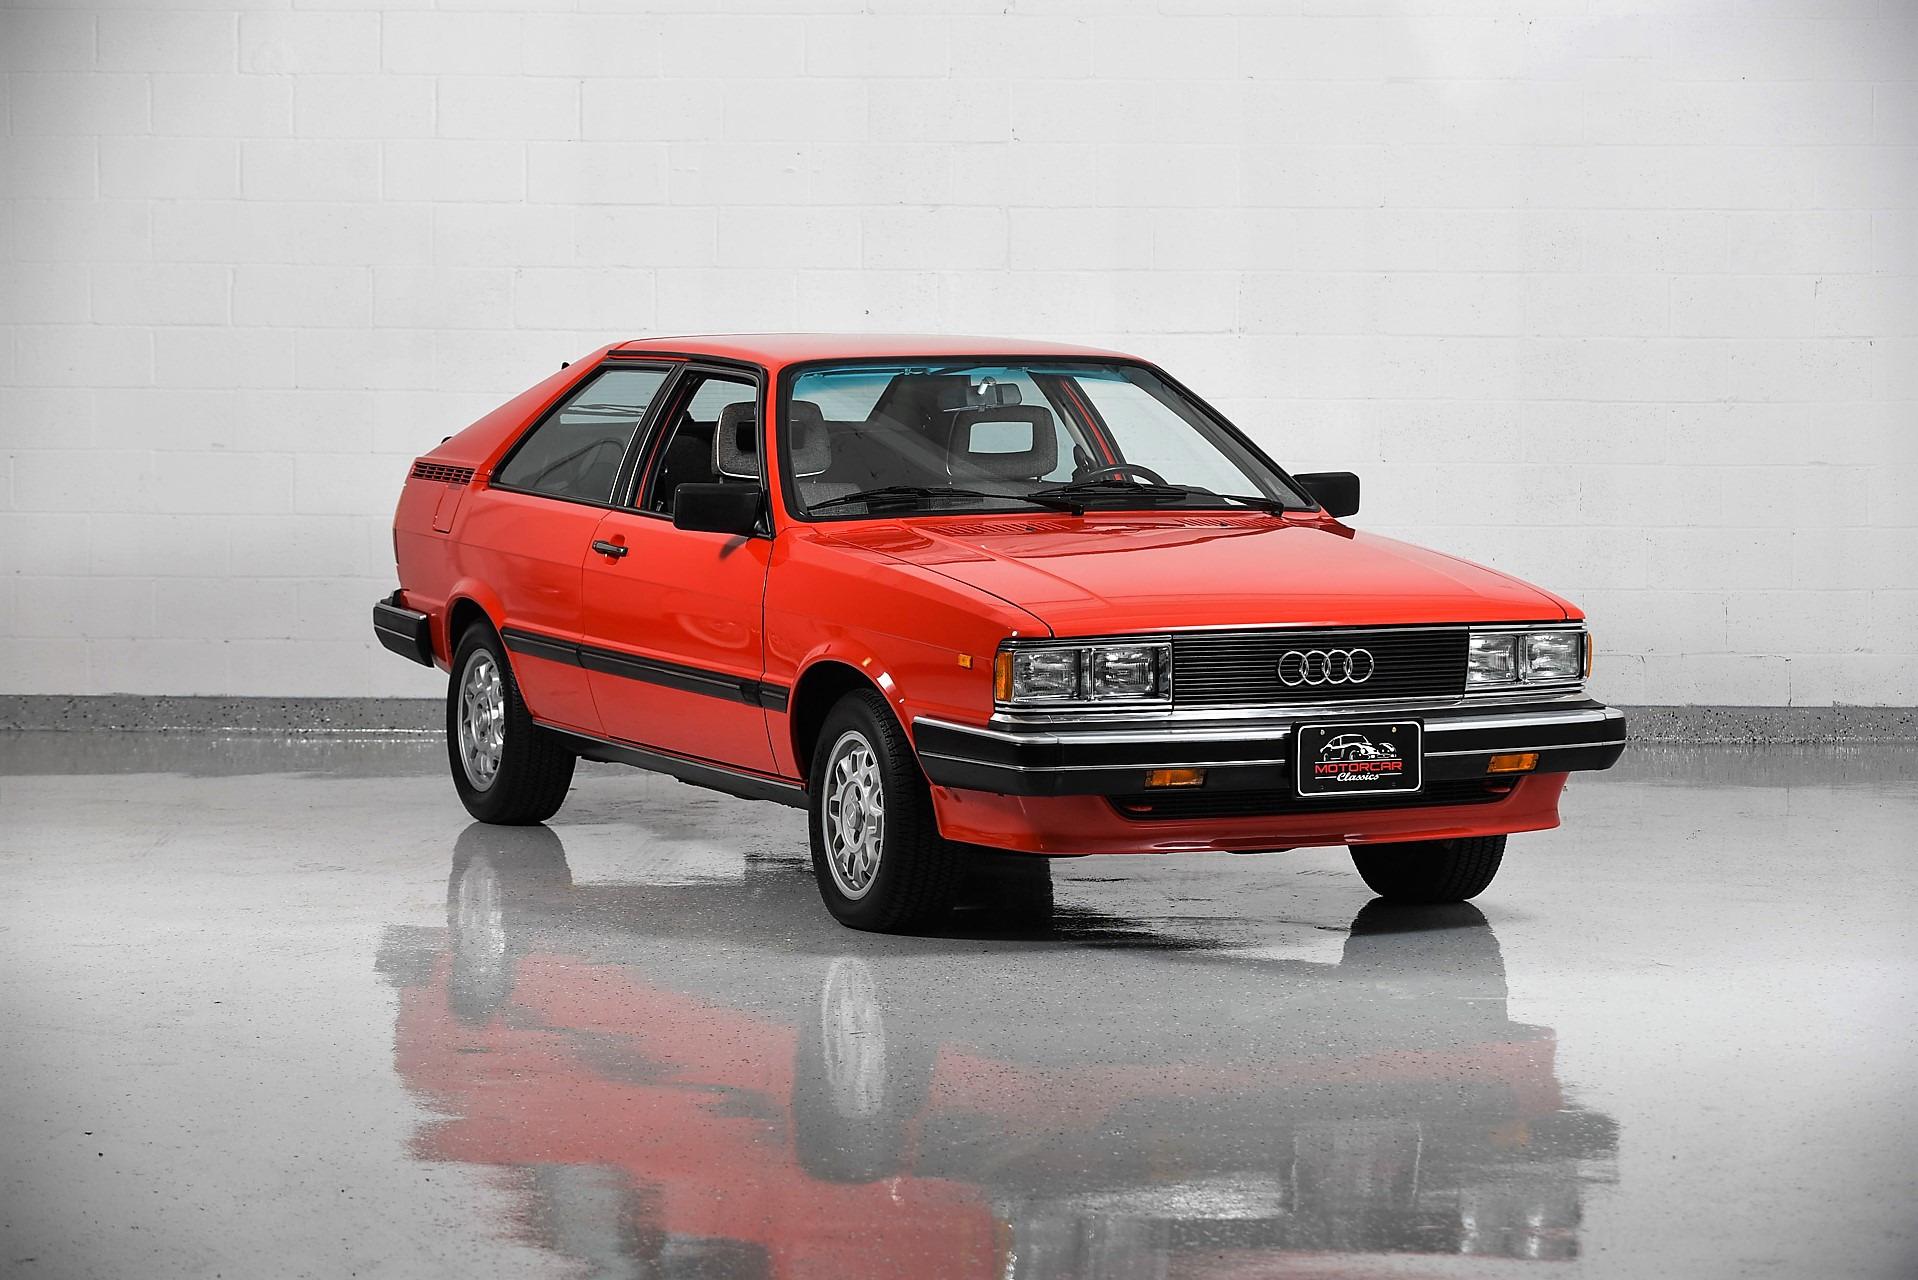 used 1982 audi 100 gt for sale 16 900 motorcar. Black Bedroom Furniture Sets. Home Design Ideas